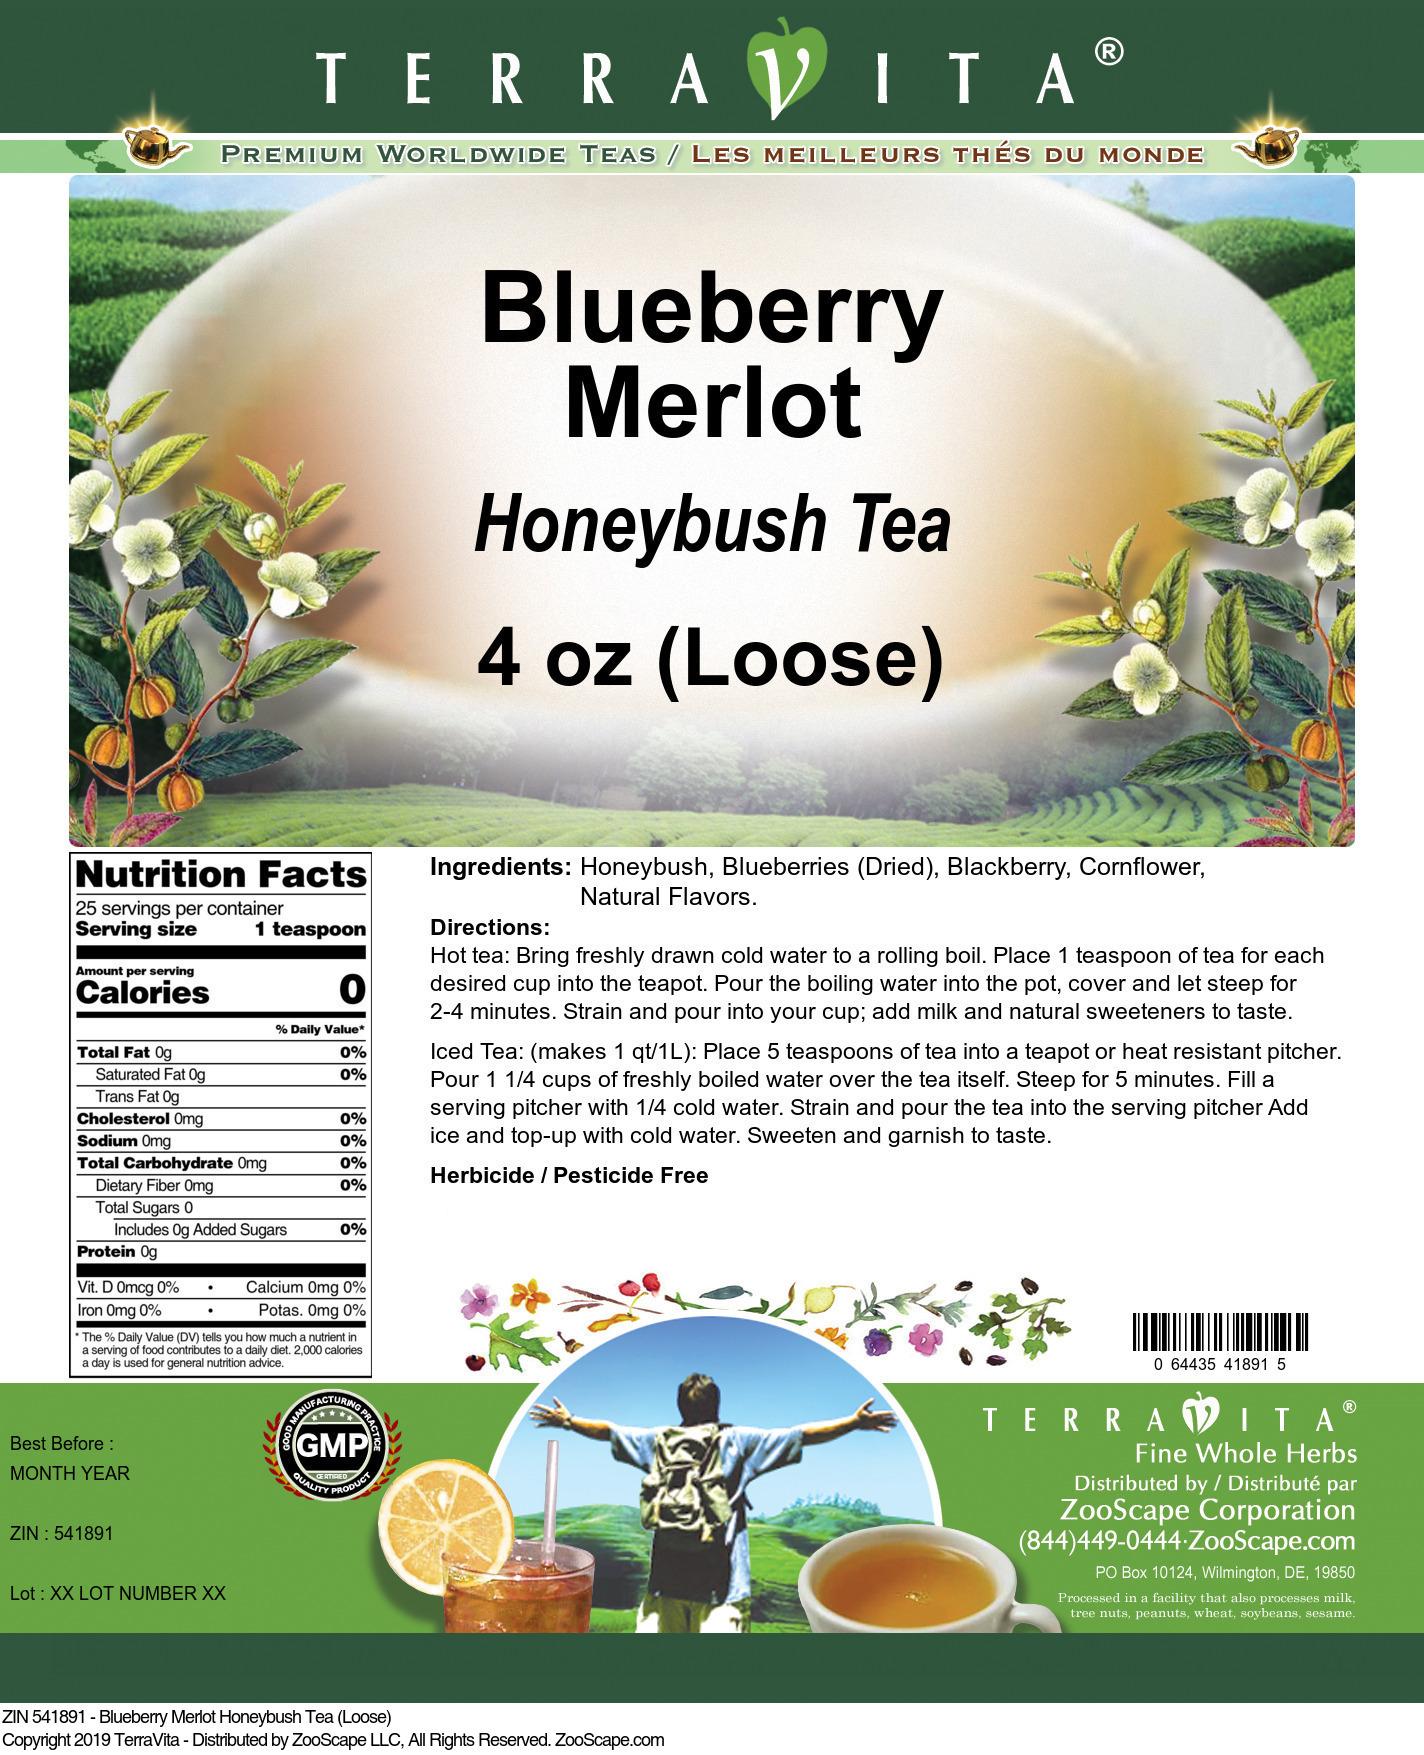 Blueberry Merlot Honeybush Tea